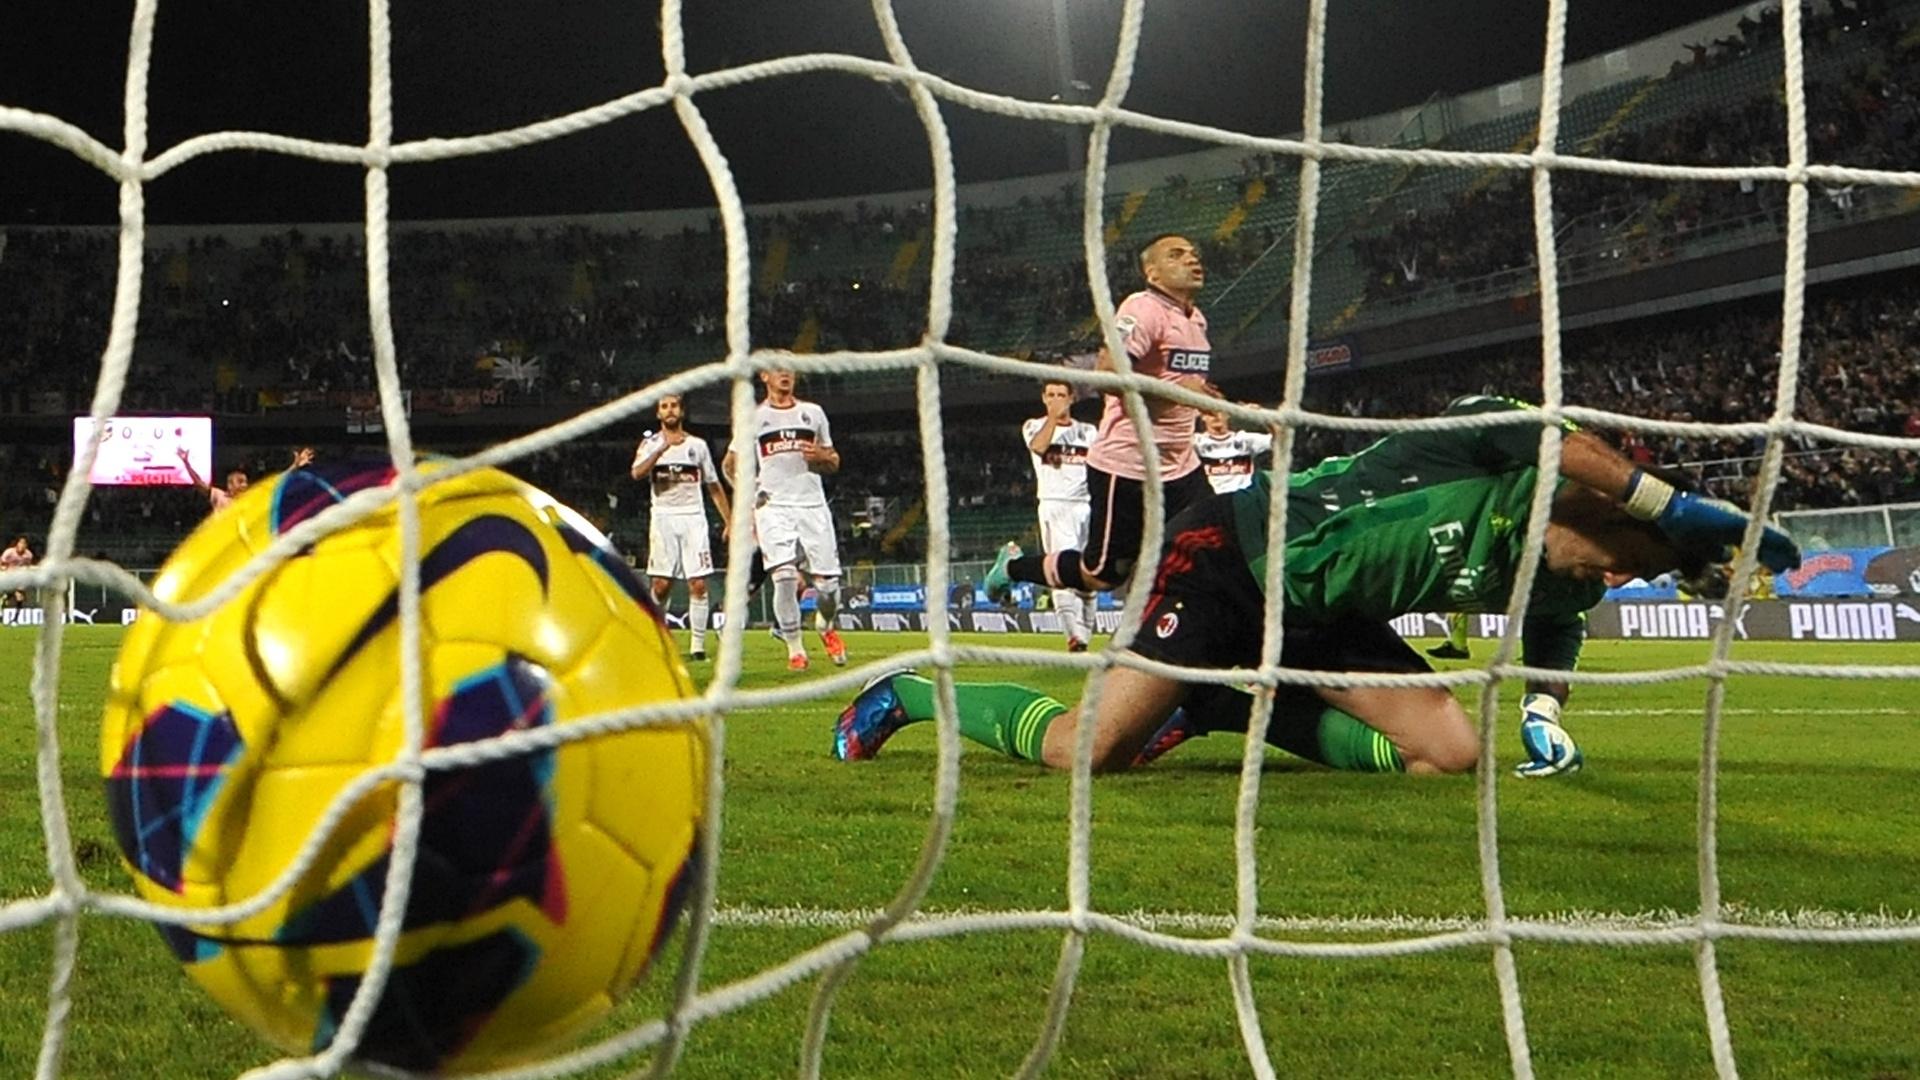 Goleiro Amelia, do Milan, lamenta o gol de pênalti marcado por Miccoli, do Palermo, em jogo da 10ª rodada do Campeonato Italiano (30/10/2012)